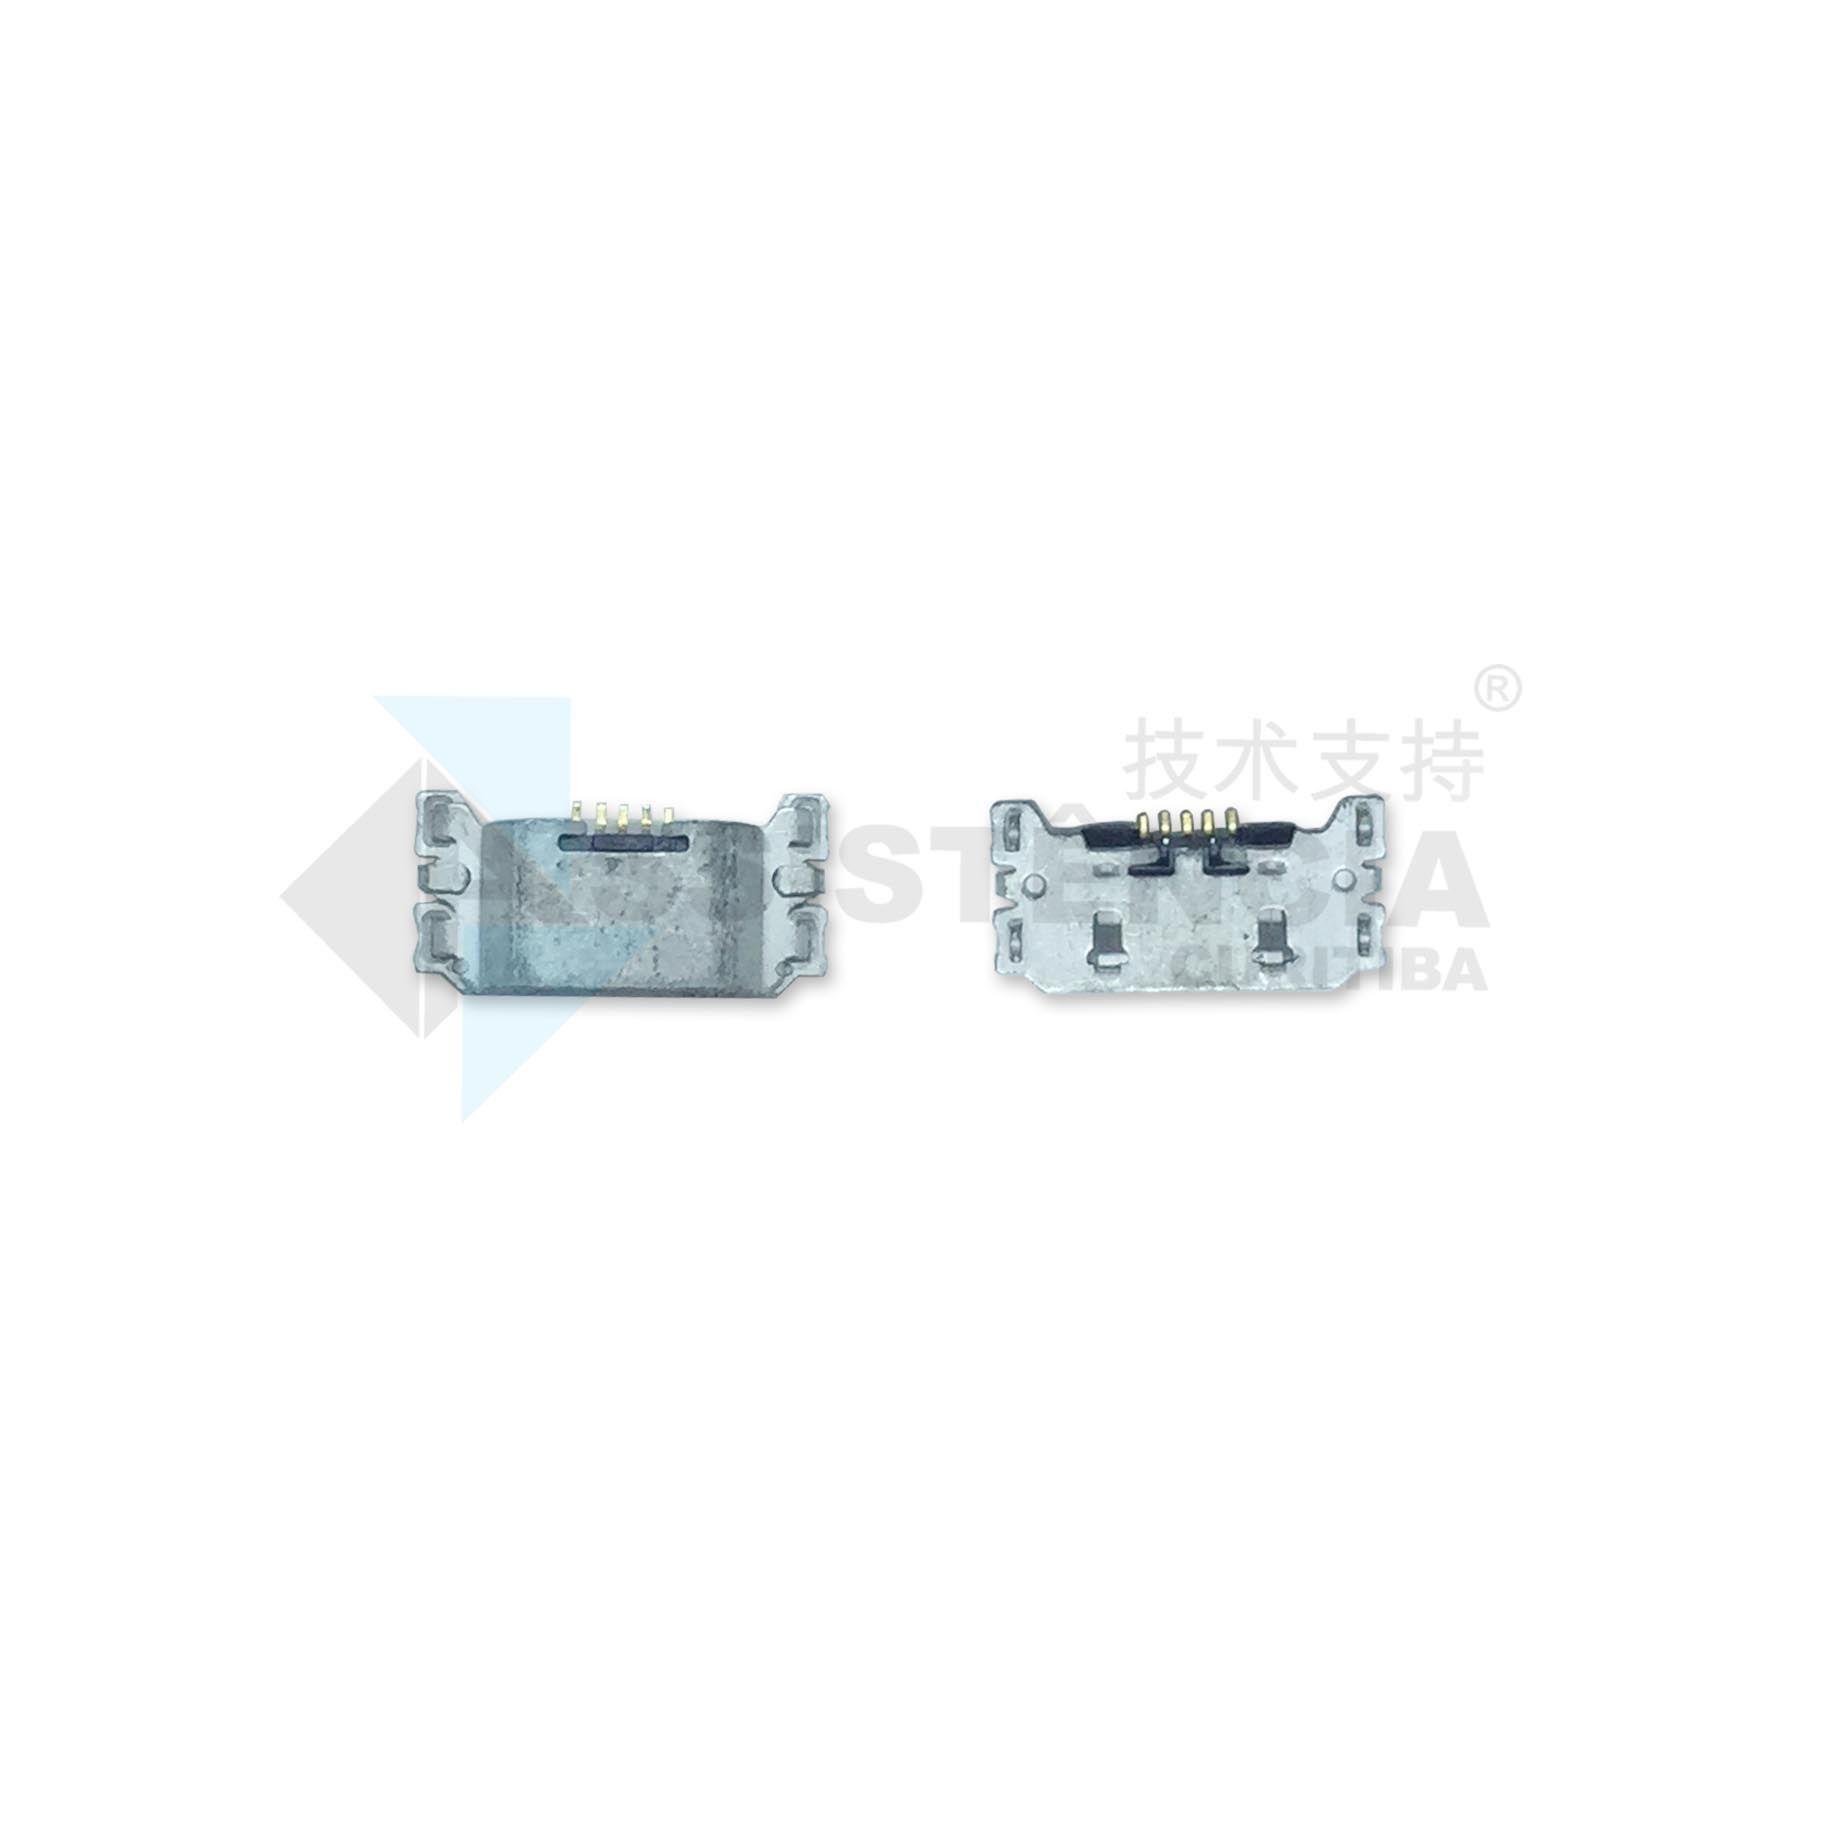 Conector De Carga Sony Xperia Xa Ultra F3211 F3212